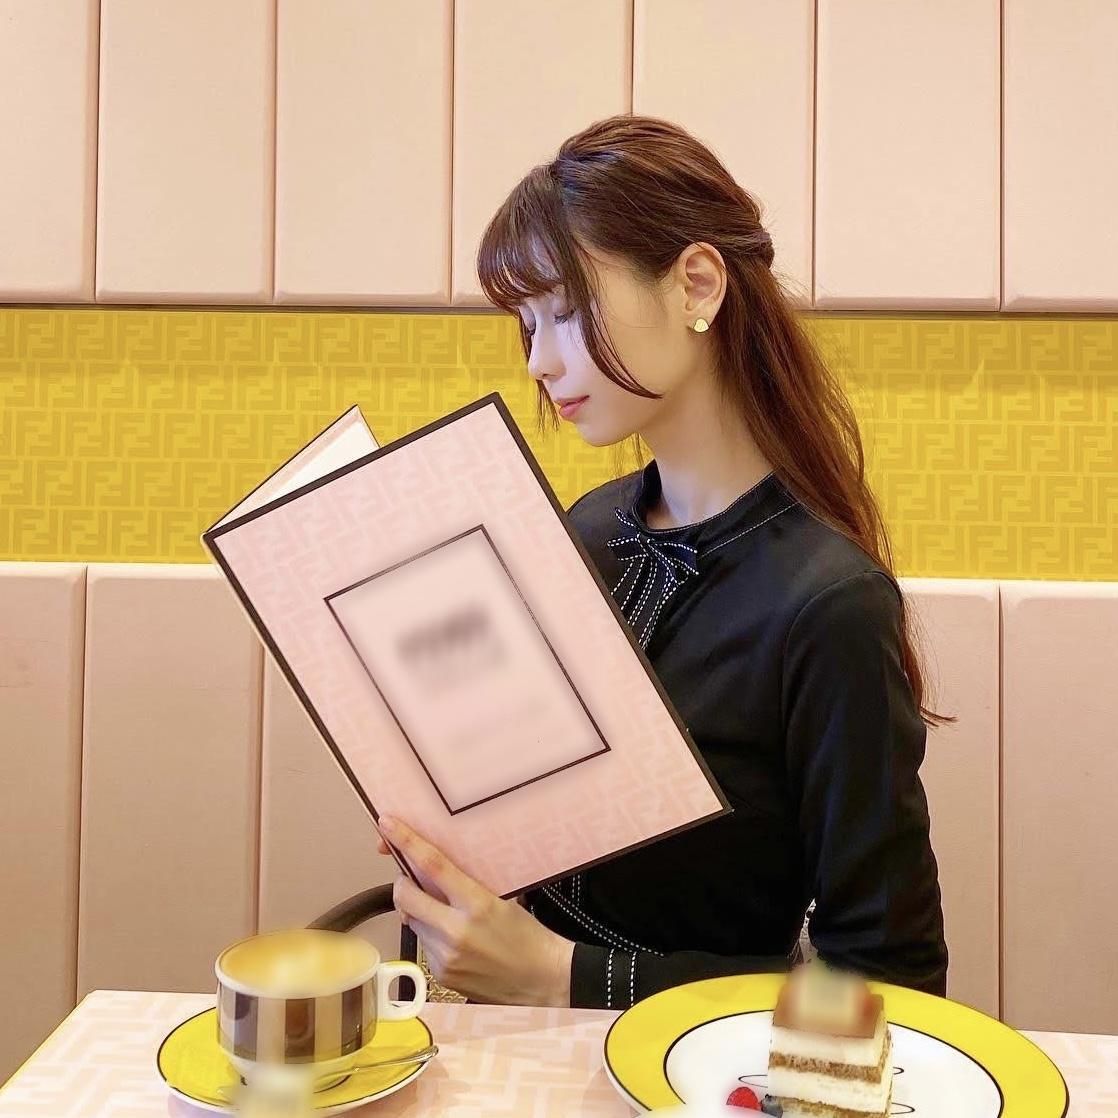 カフェでピンク色のメニューを見ている目を閉じた女性